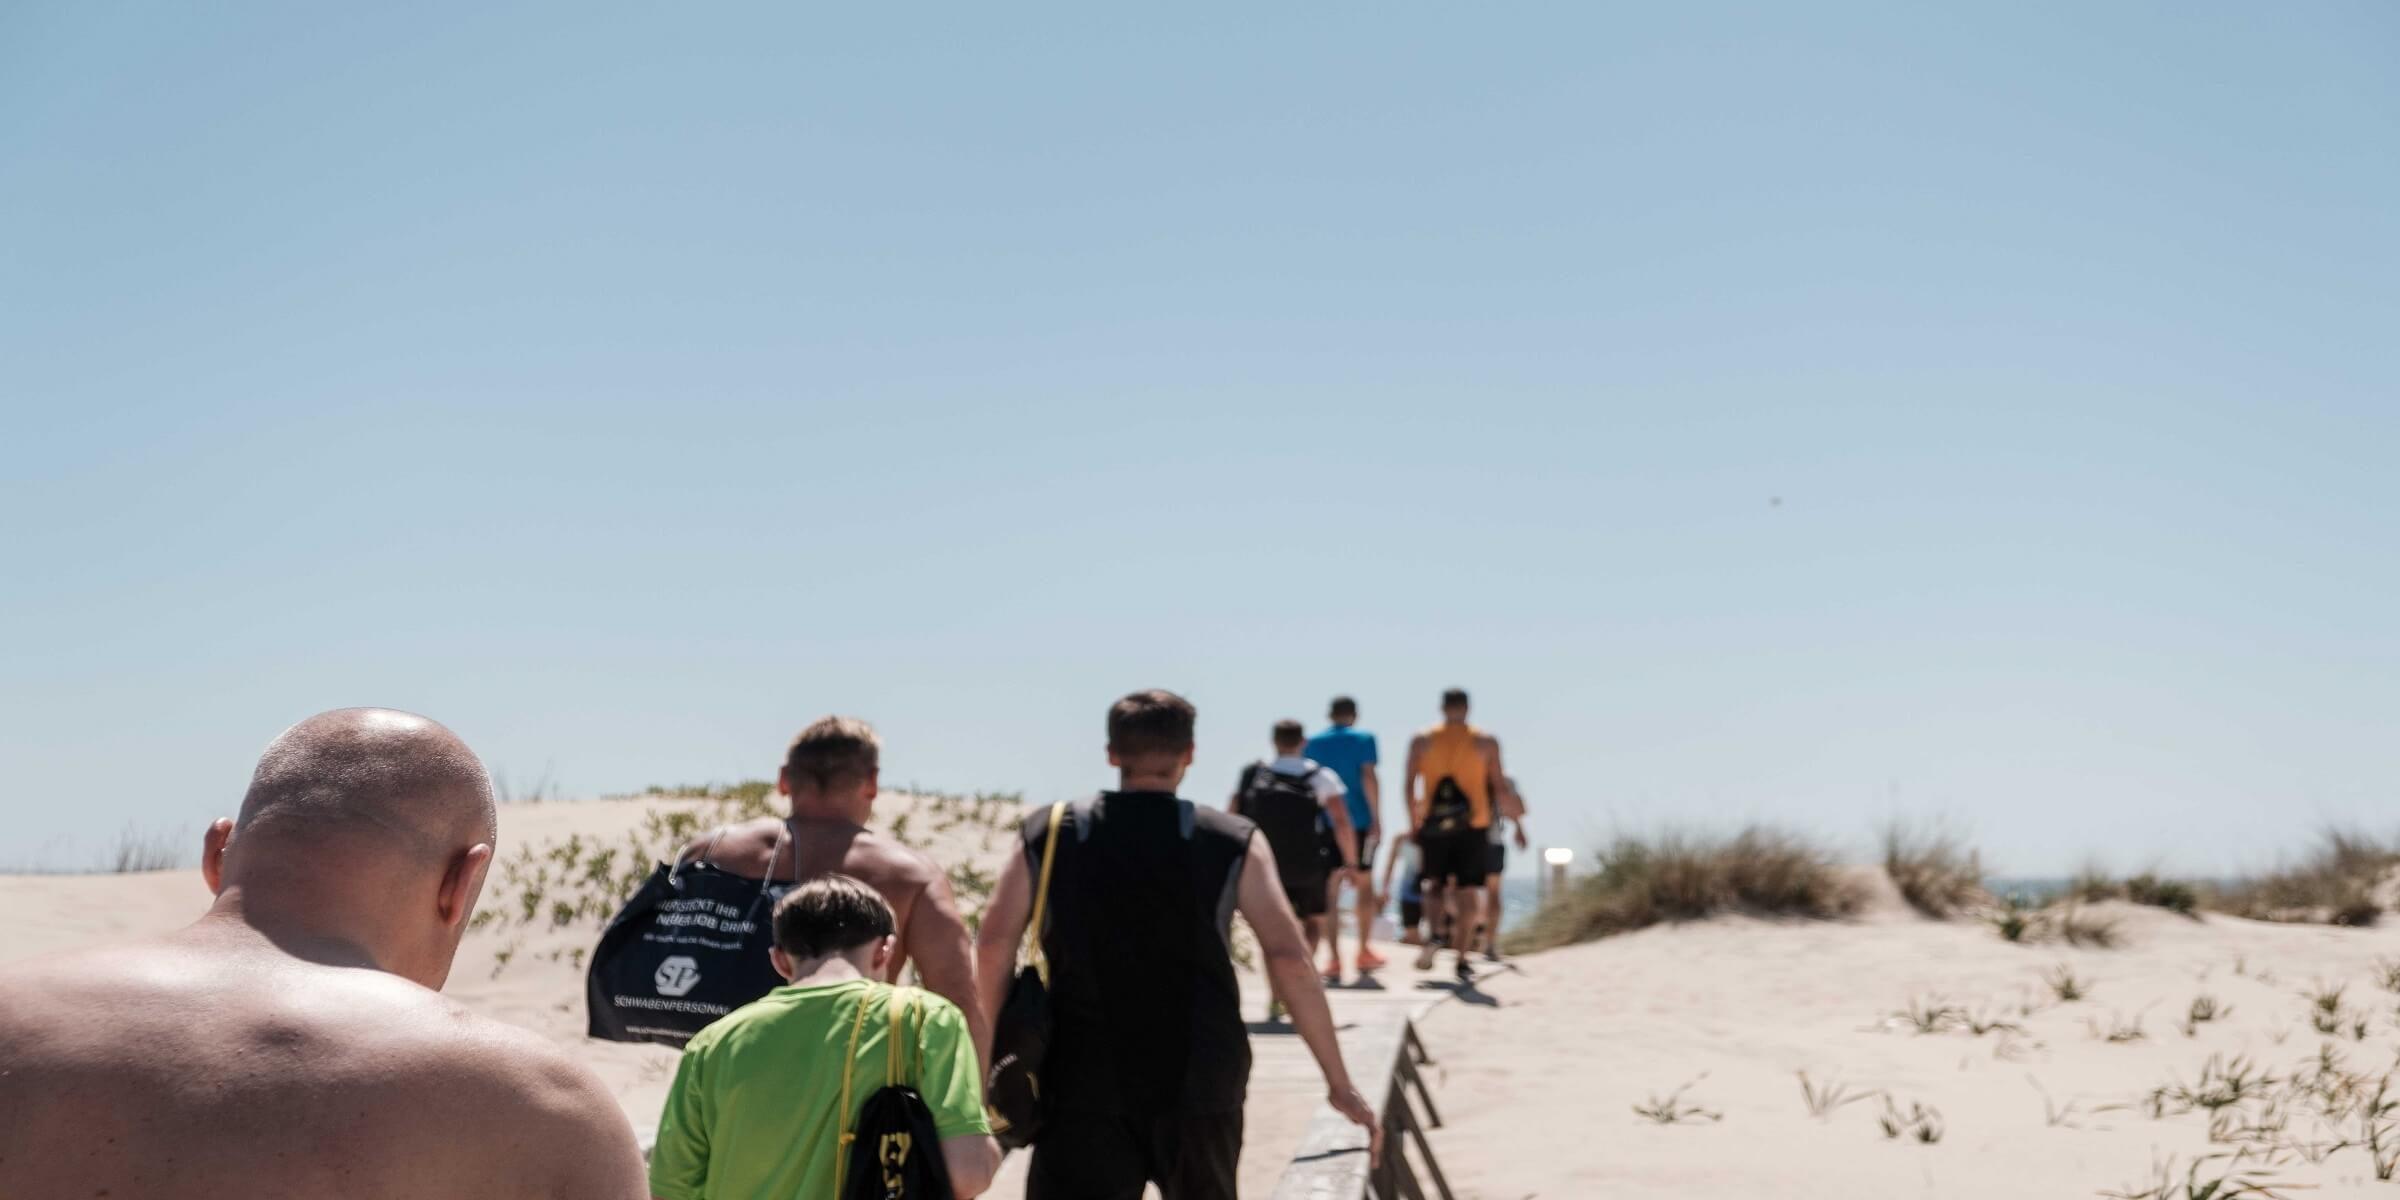 Der Weg zum Strand beim Men's Health Camp